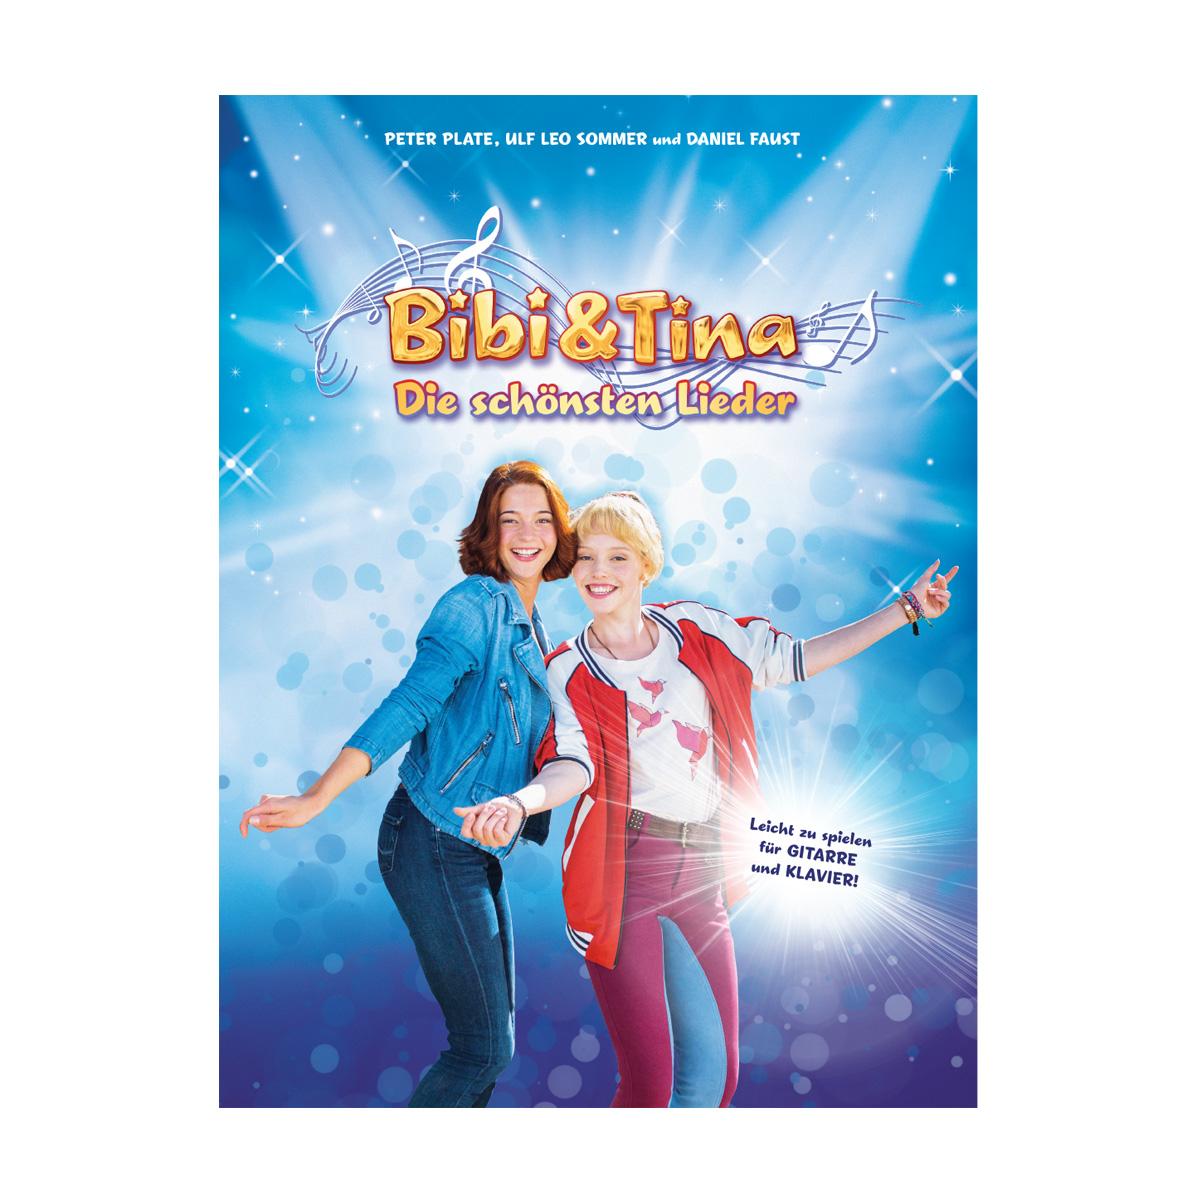 Bibi&Tina Bibi&Tina SONGBOOK - Die schönsten Lieder Buch